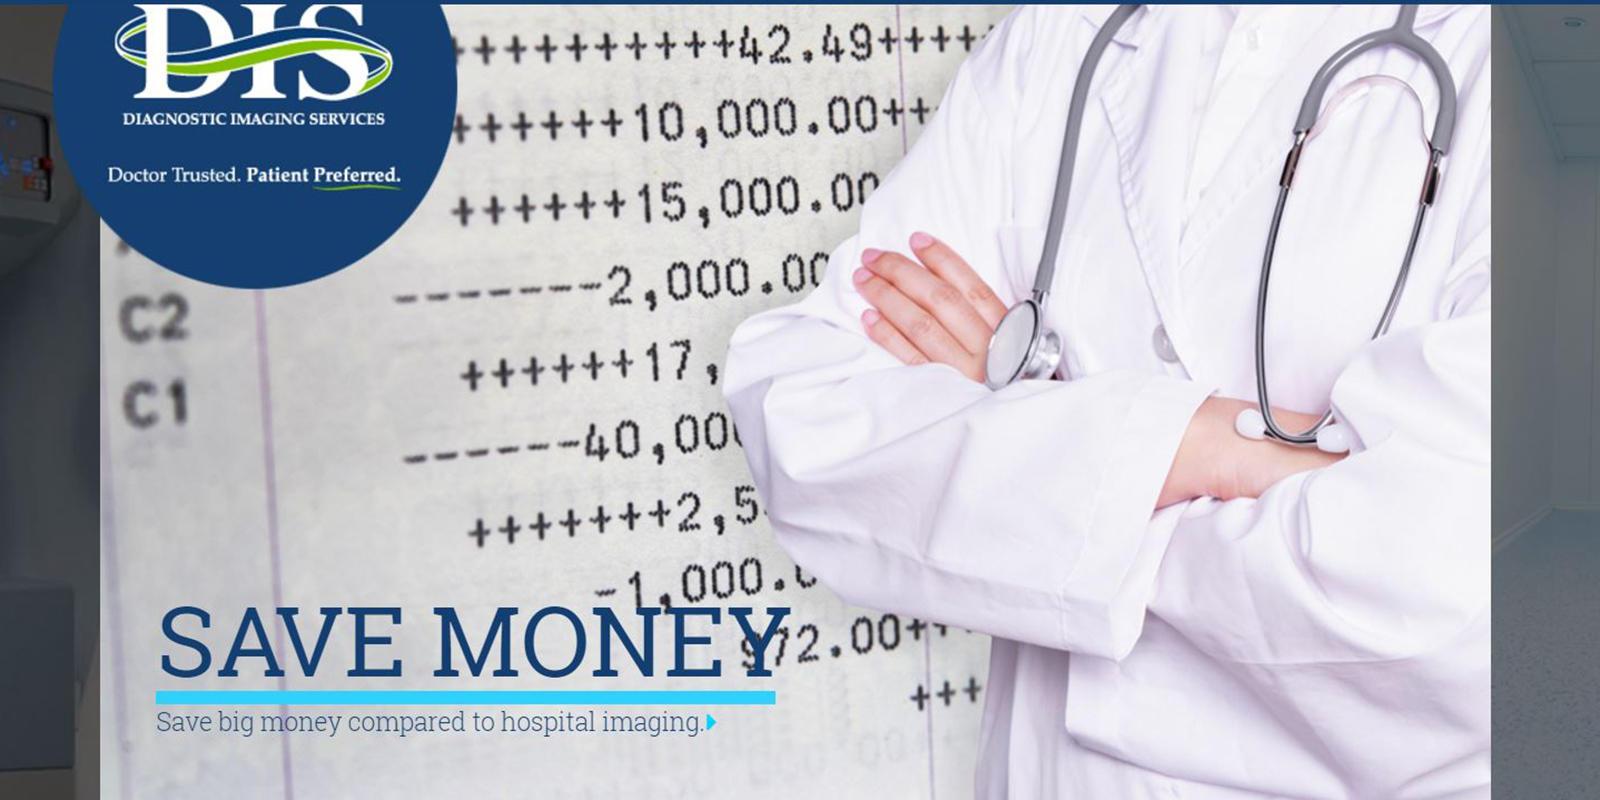 Diagnostic Imaging Services - Marrero